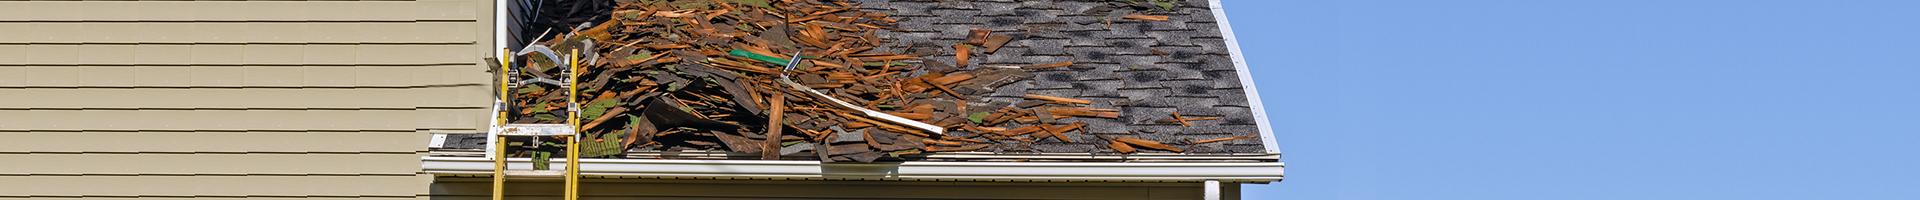 roofing-tear-off-debris